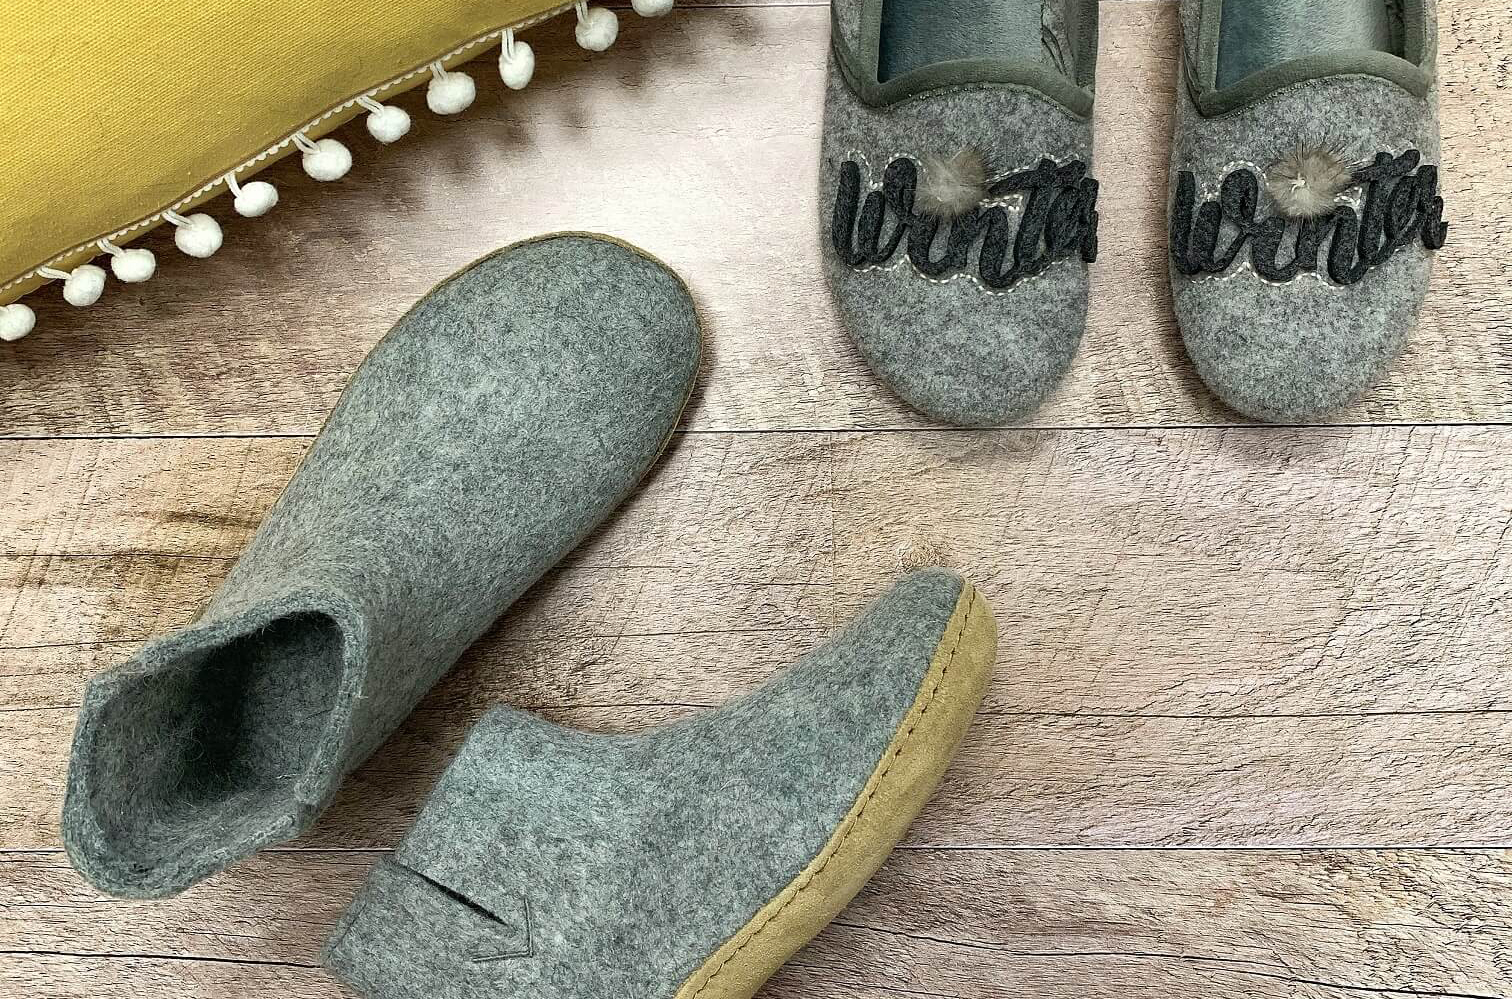 Pantoufles Maison pour Enfants et Adultes Gar/çon Fille Tongs Chaussons d/ét/é Chaussures de Bain Femmes Hommes Sandales de Piscine Plage 24-44